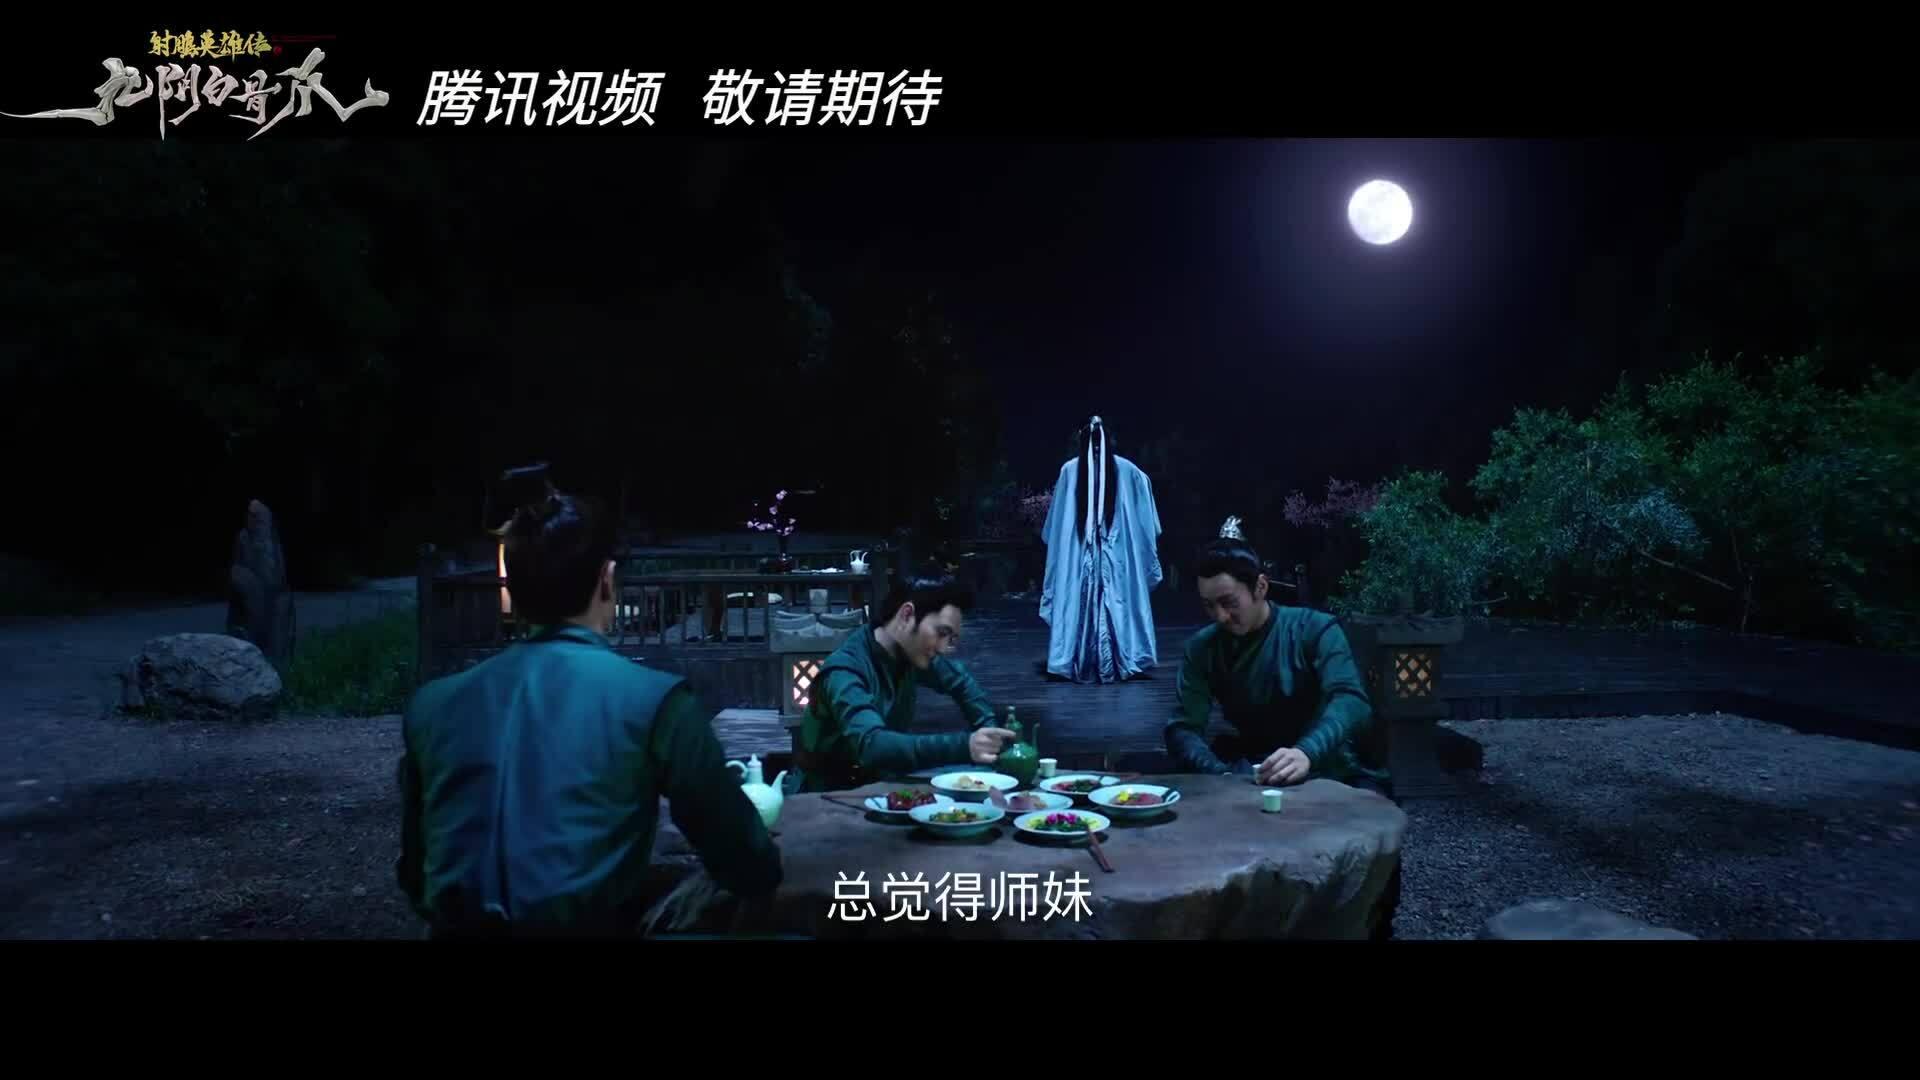 'Anh hùng xạ điêu' 2021: Mai Siêu Phong yêu Hoàng Dược Sư